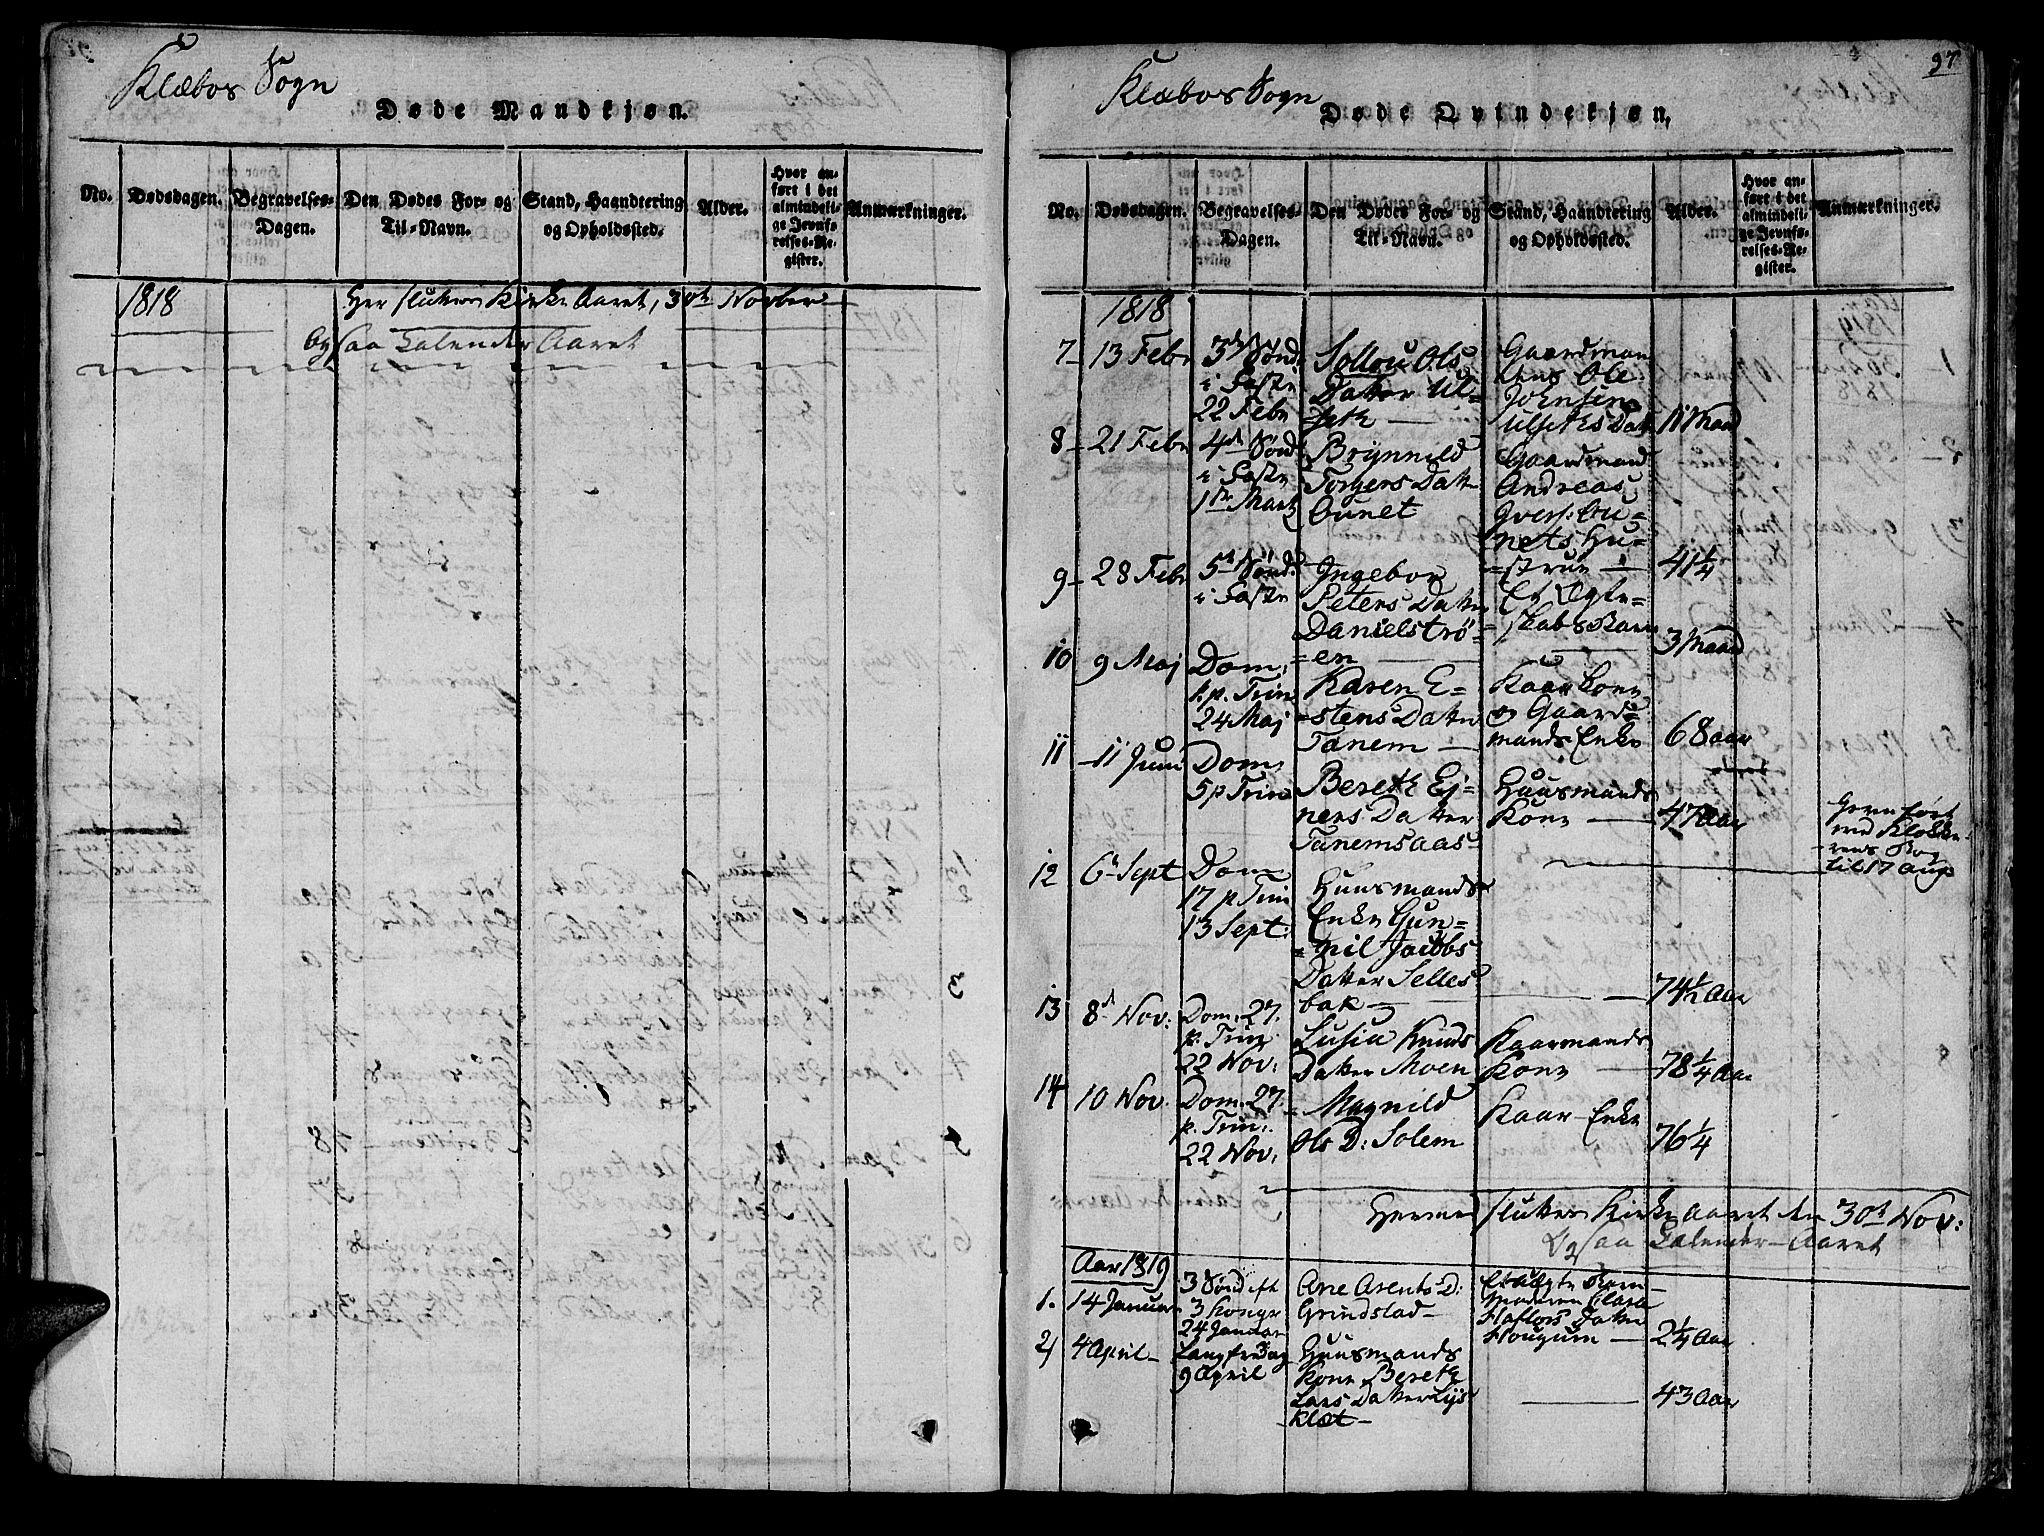 SAT, Ministerialprotokoller, klokkerbøker og fødselsregistre - Sør-Trøndelag, 618/L0439: Ministerialbok nr. 618A04 /1, 1816-1843, s. 97